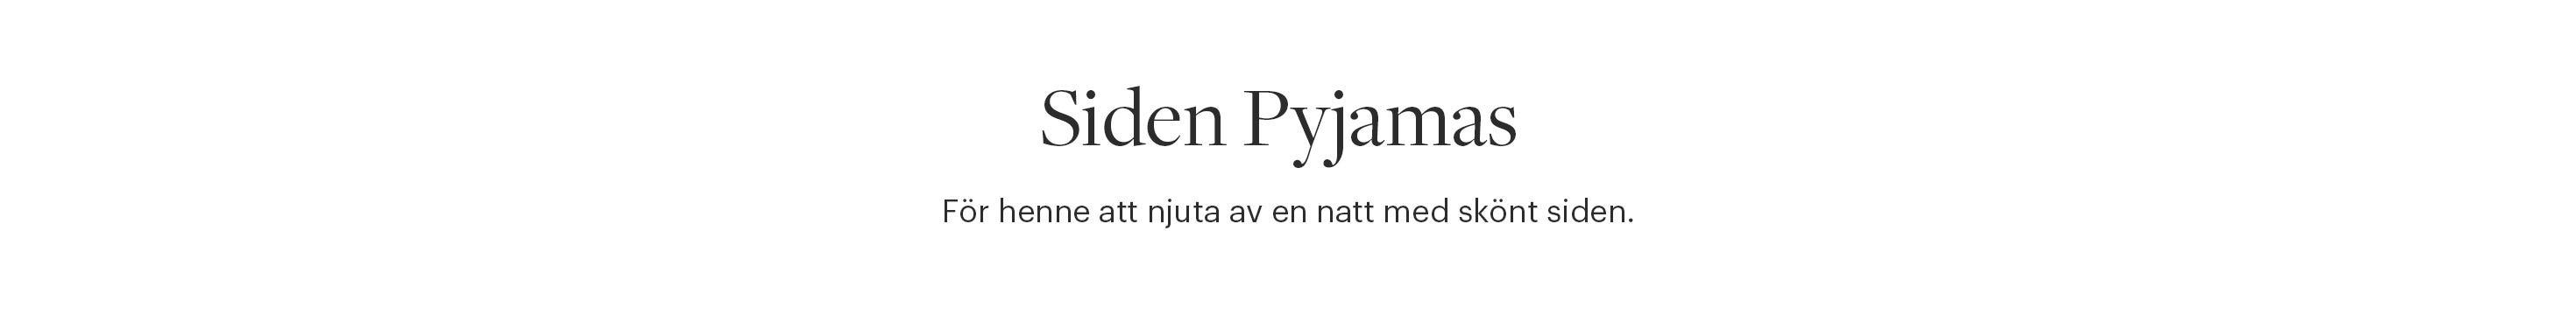 Siden Pyjamas Dam